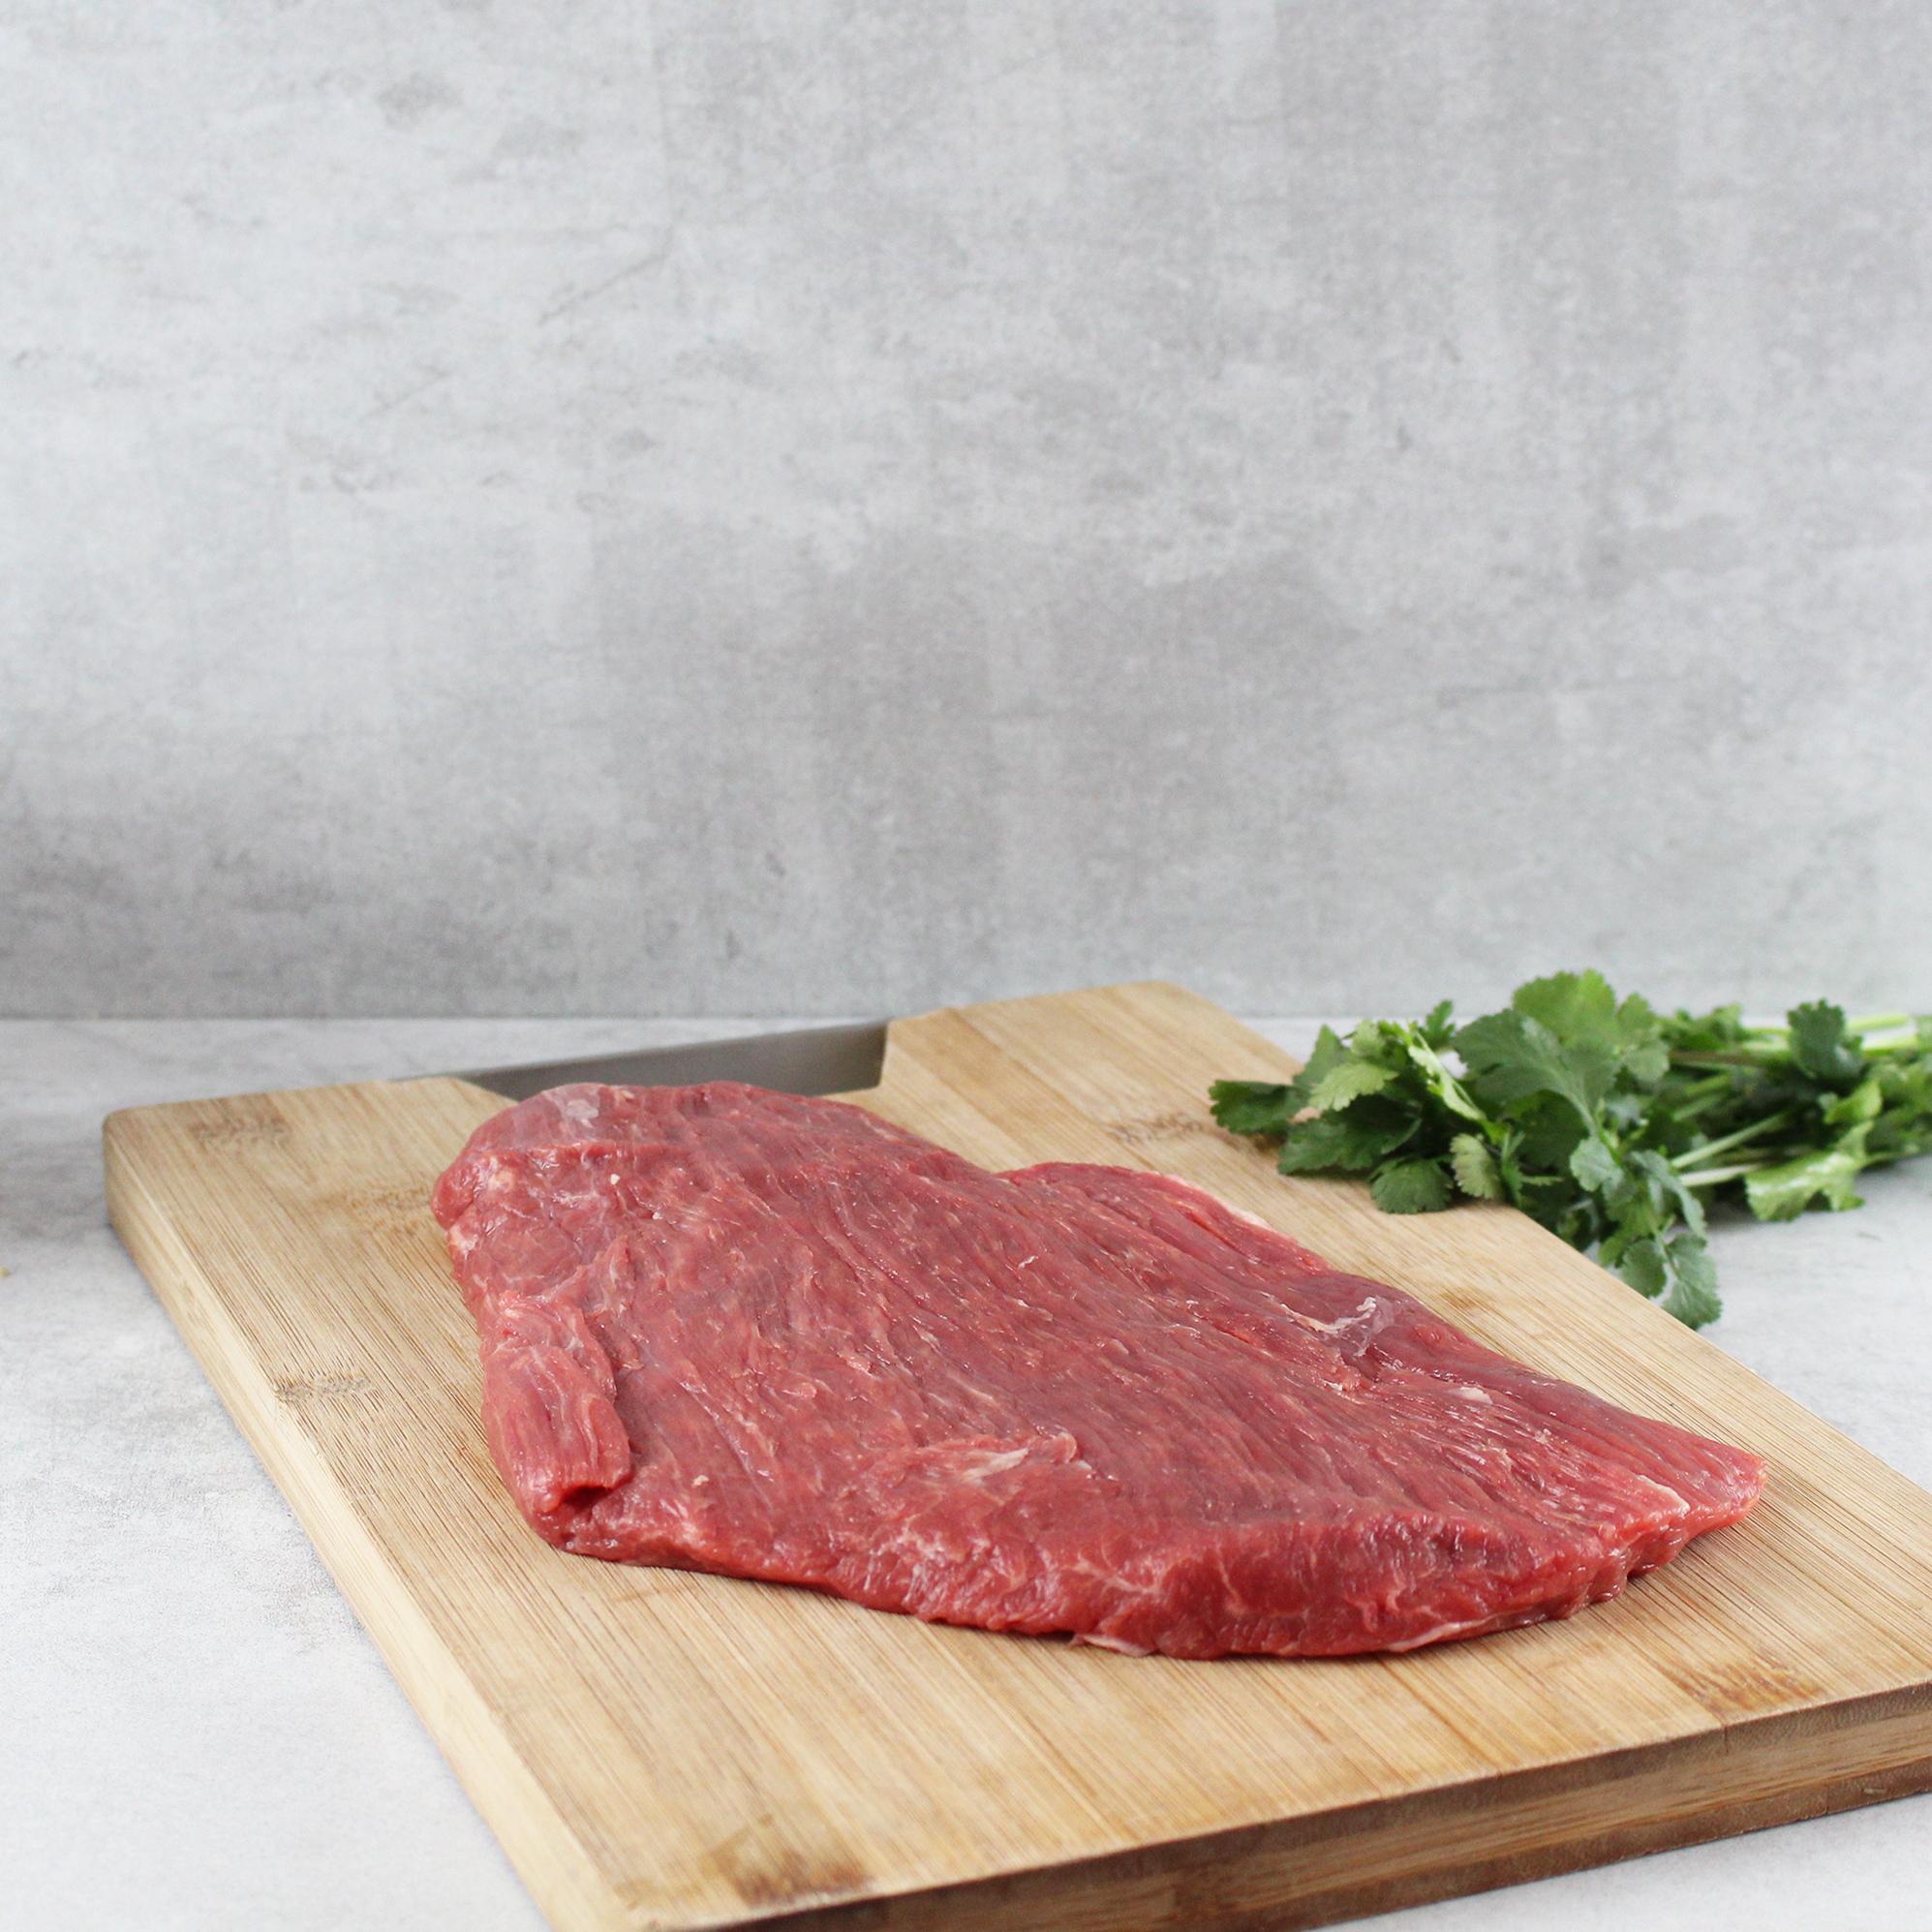 dry-aged-flank-steak-d.-ca.-15-kg---paeckchen-3-stk.---paeckchen-markthalle20-1